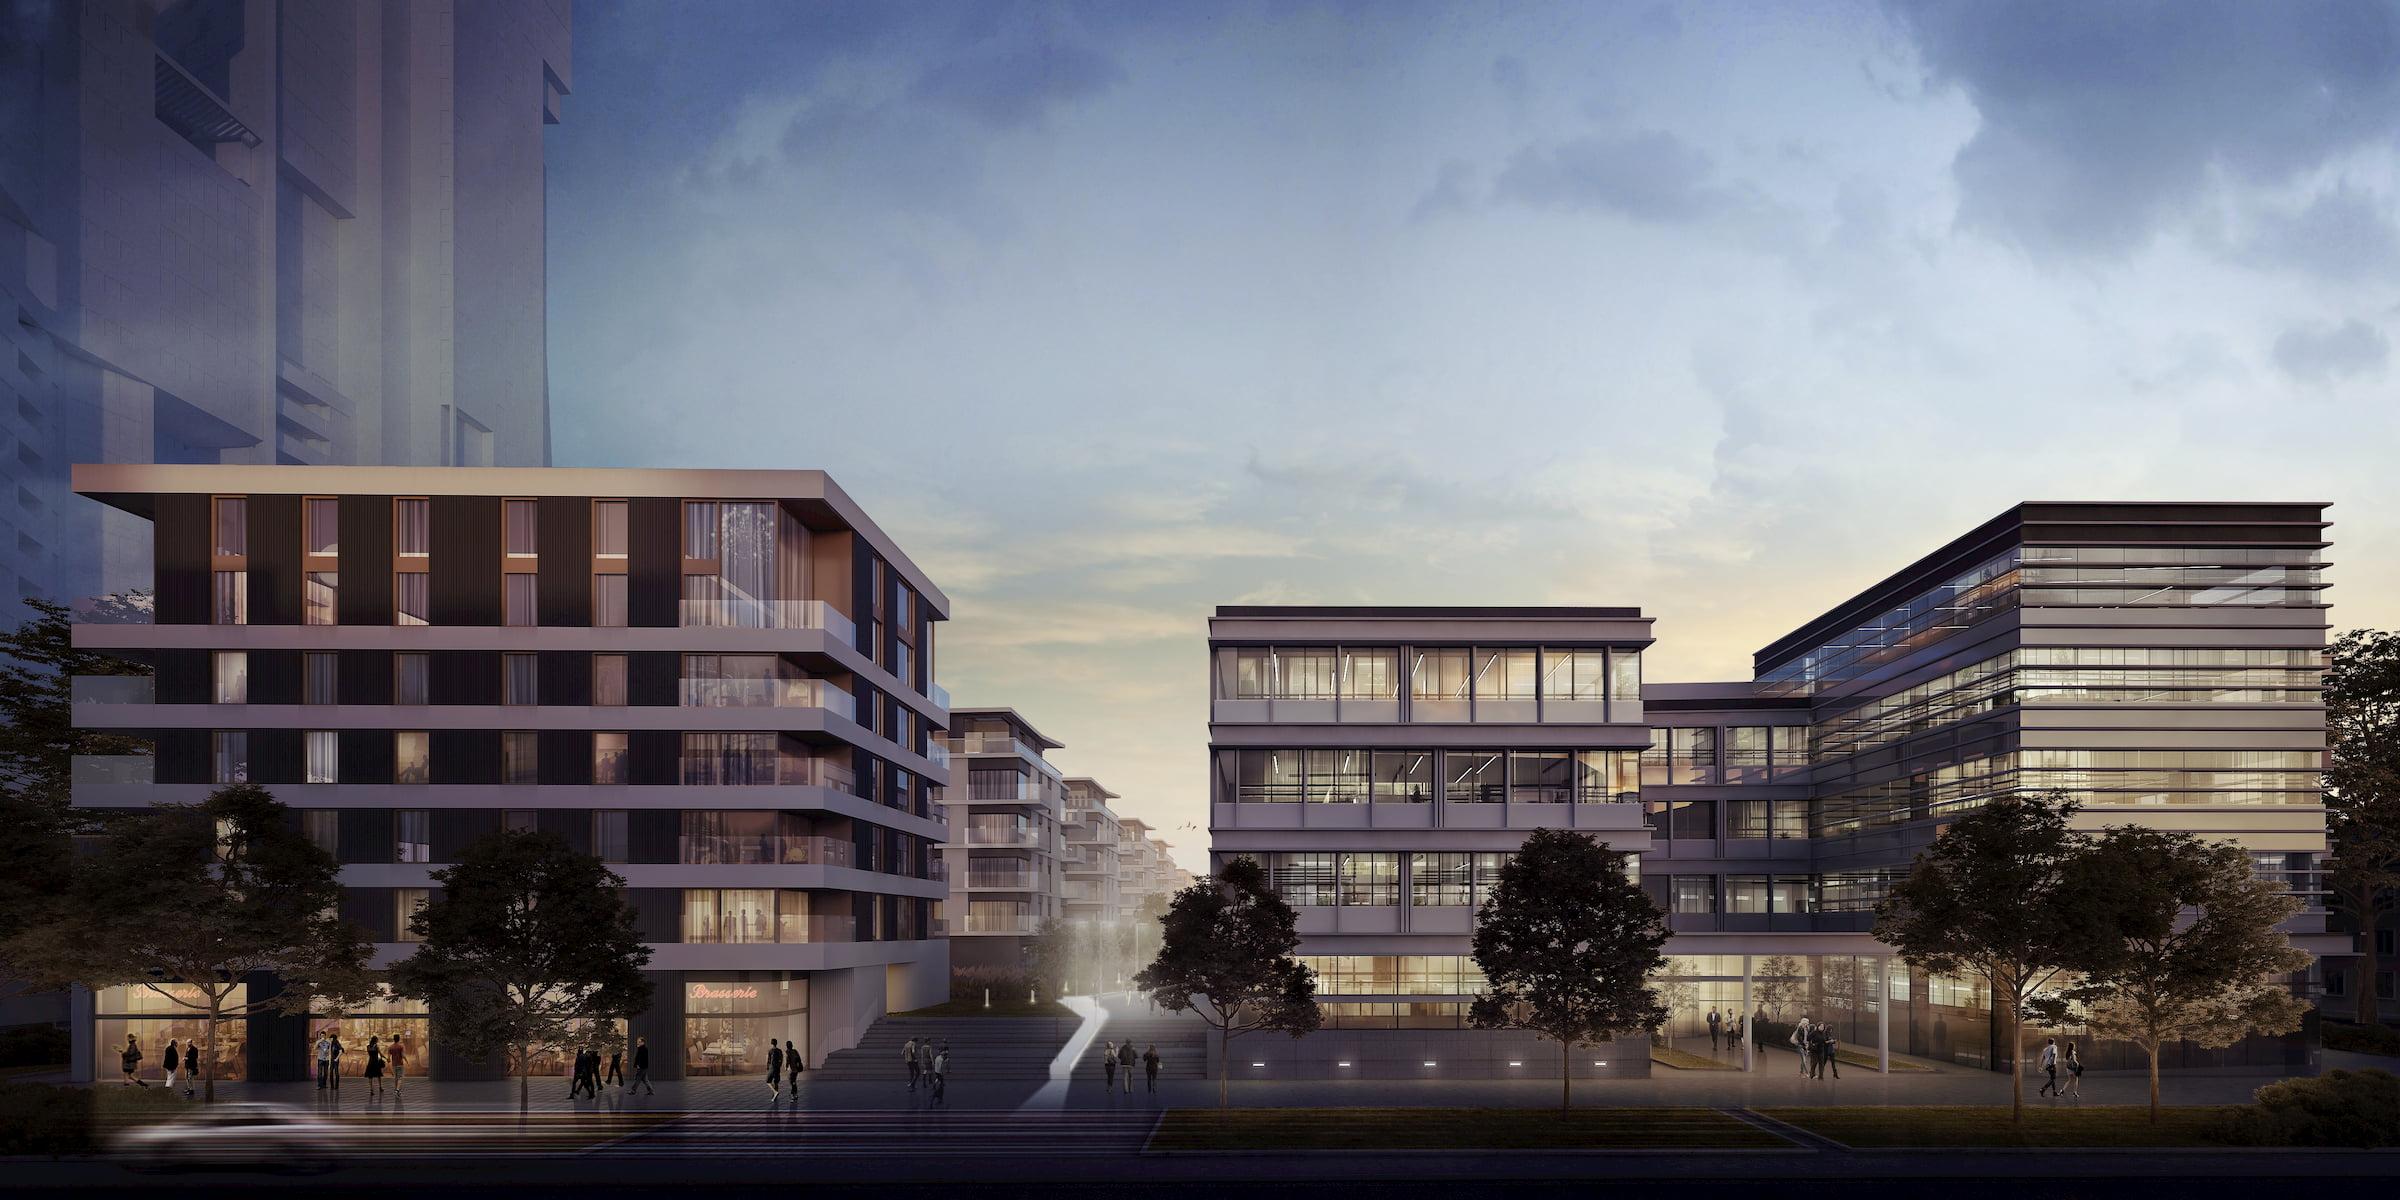 Gdynia Waterfront Vastint APA Wojciechowski Architekci 2017 street view